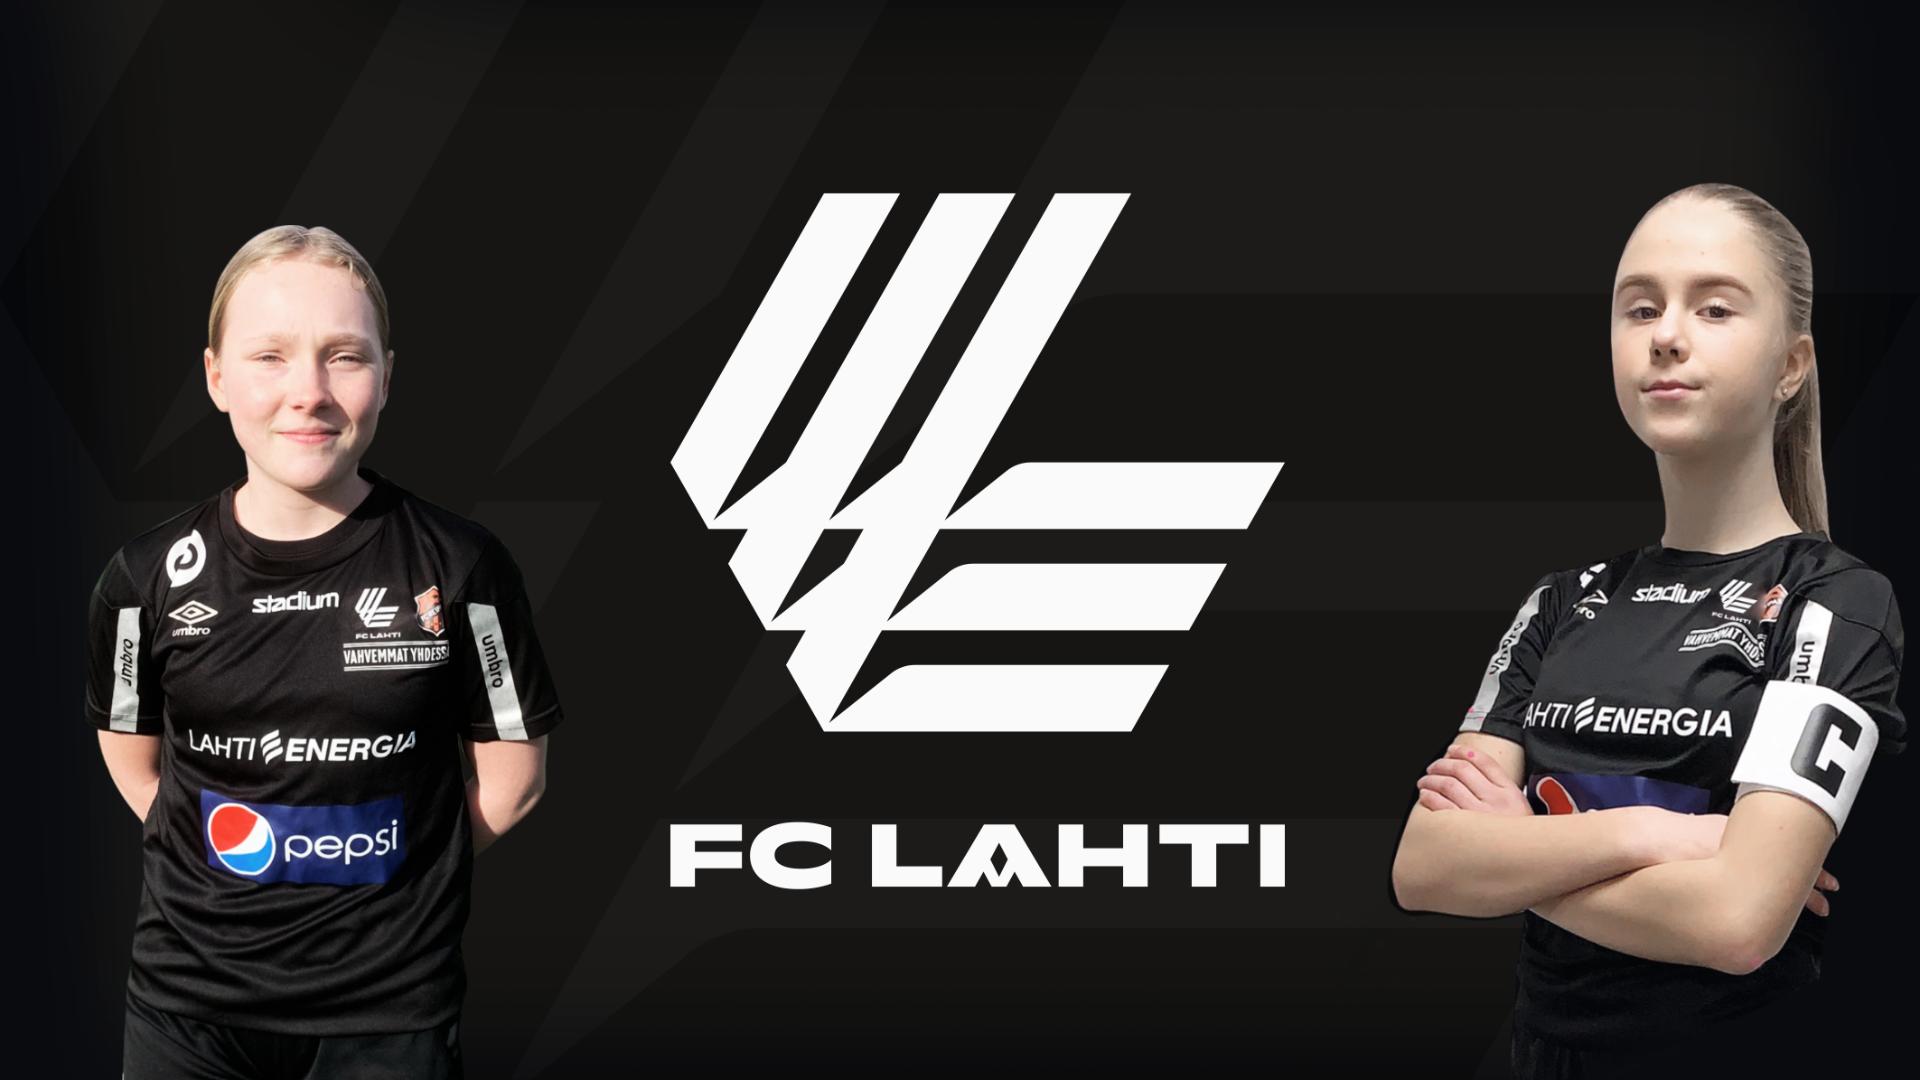 FC Lahti Akatemian toimintamallit mukana tyttöjen FC Lahti-pelaajapolulla